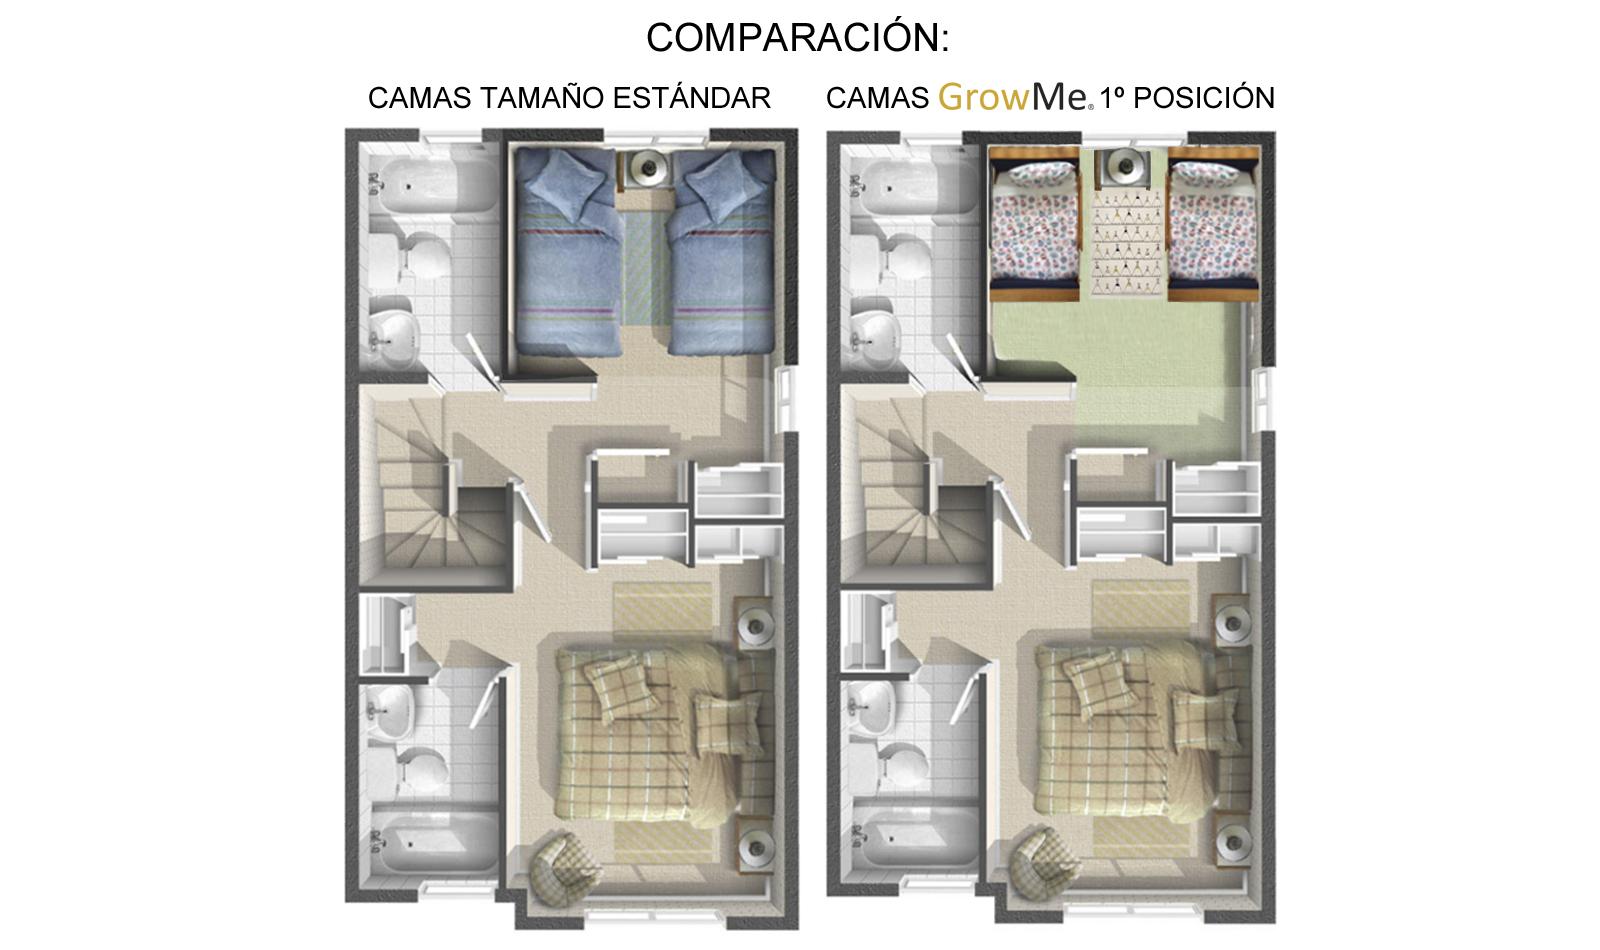 Comparación_camas_estandar_1_plaza_y_GrowMe.jpg